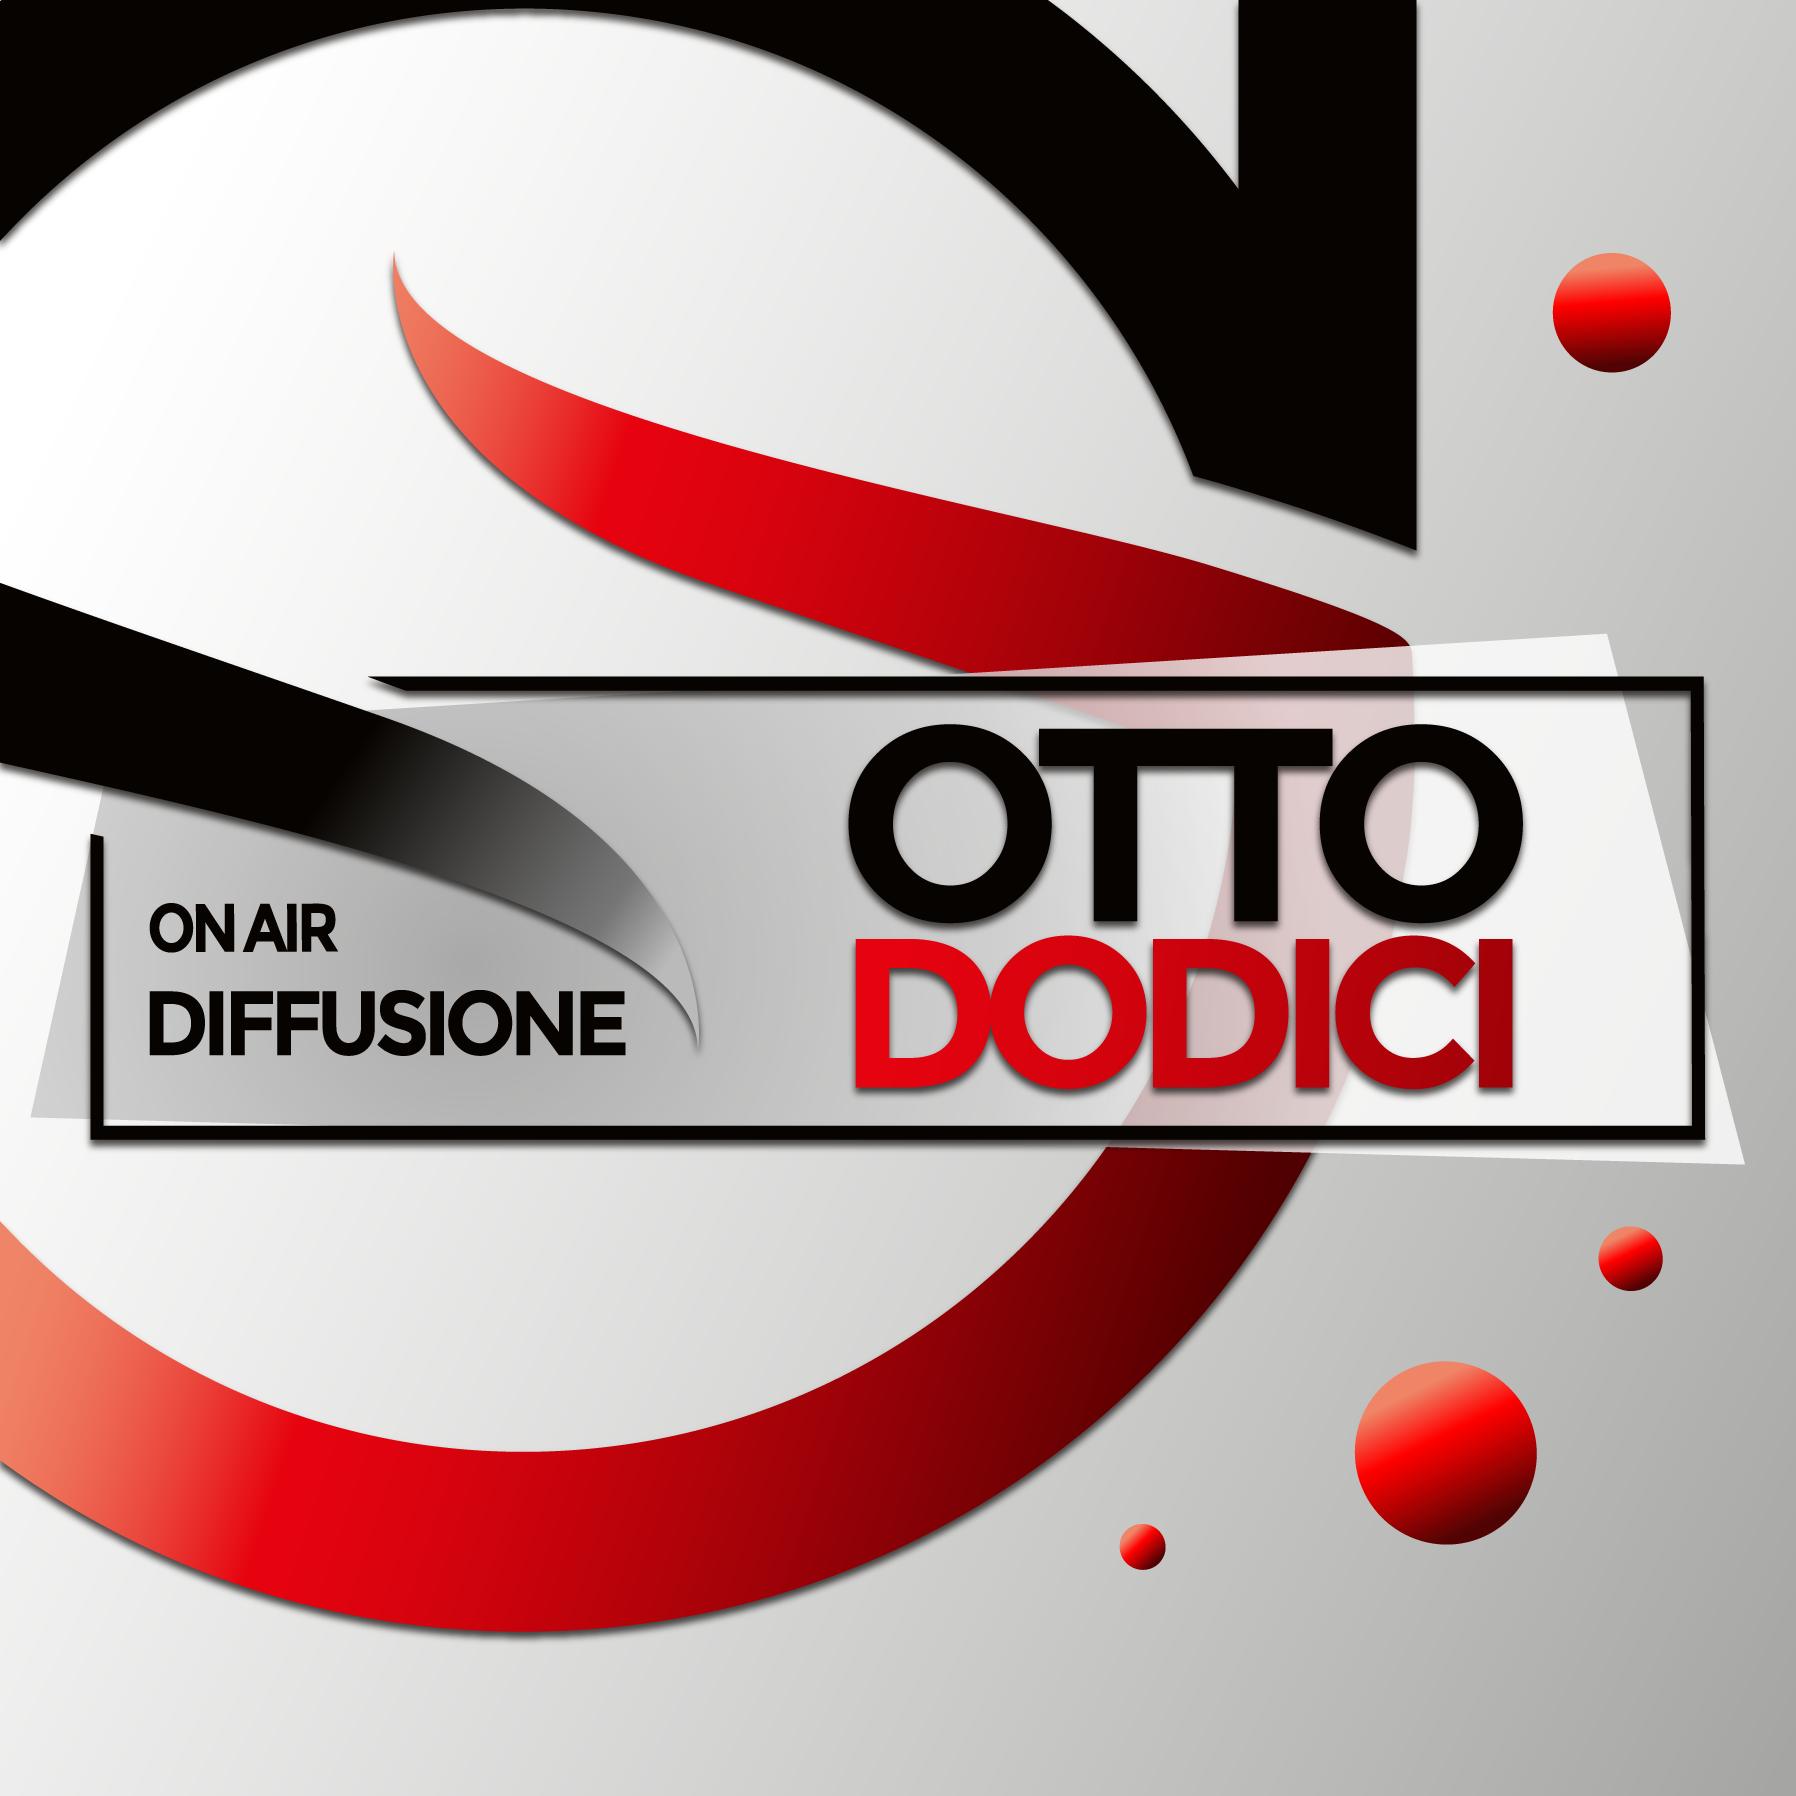 Ottododici